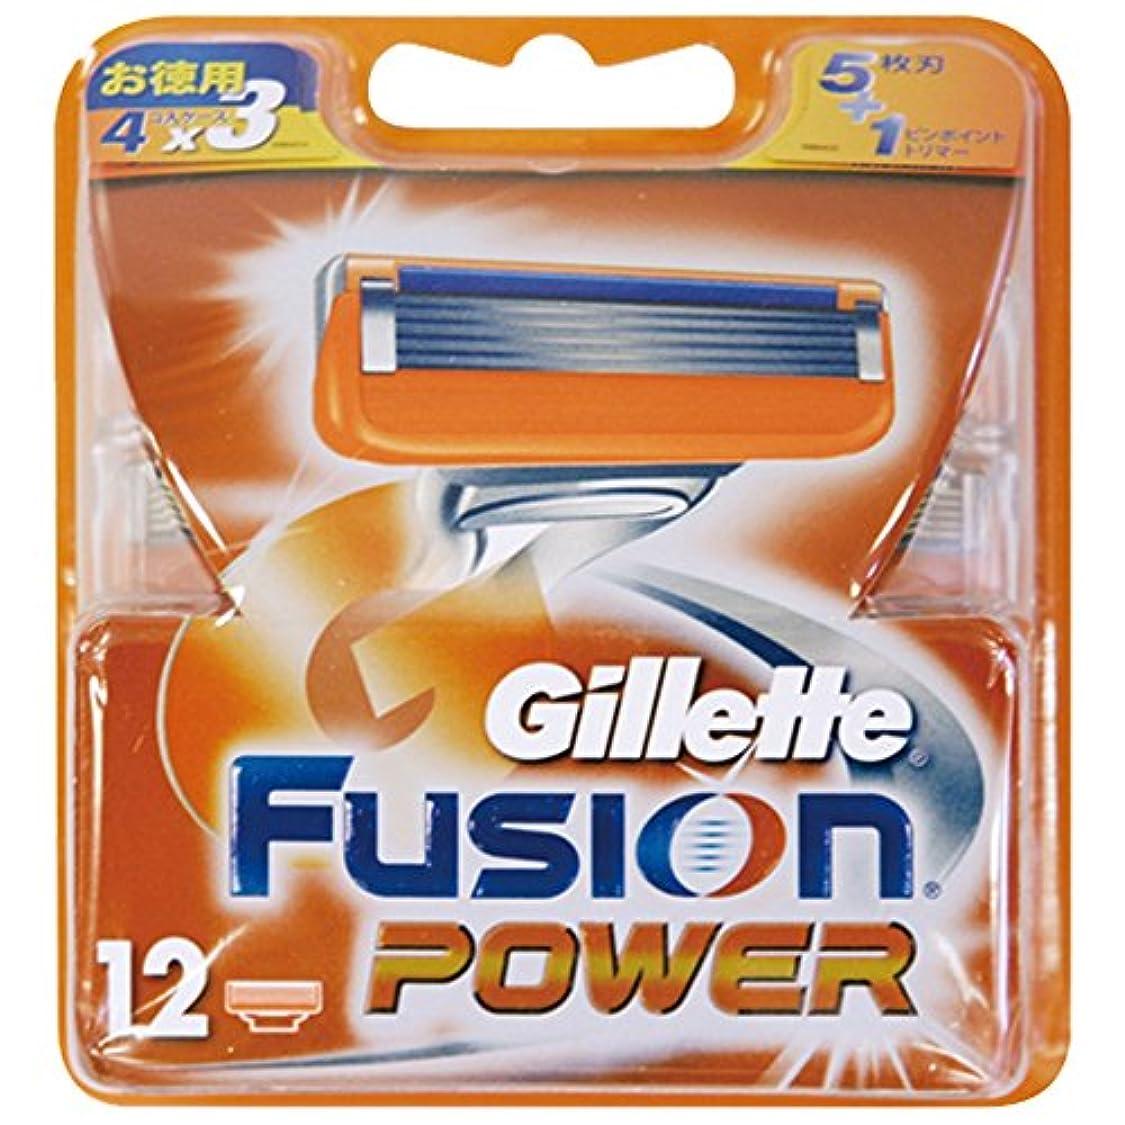 ジレット 髭剃り フュージョン5+1 パワー 替刃12個入